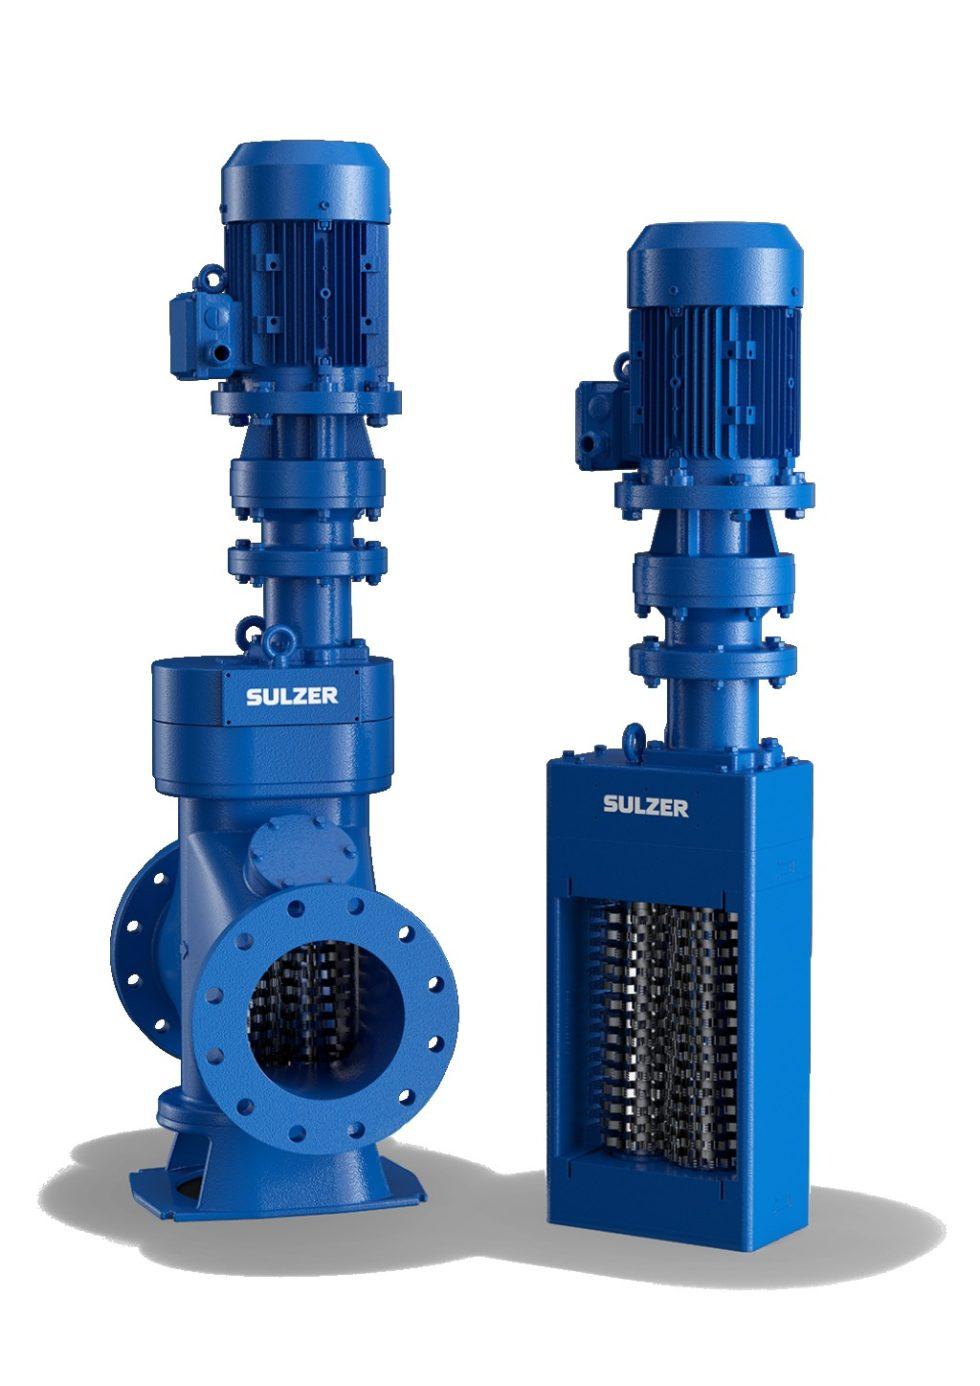 """Die """"Muffin Monster"""" von Sulzer sind kompakte robuste Zerkleinerer für Anwendungen im Schlamm- und Abwasserbereich. Der Zulauf ‧erfolgt über eine Rohrleitung (links) oder über einen offenen Kanal (rechts). Bild: Sulzer"""